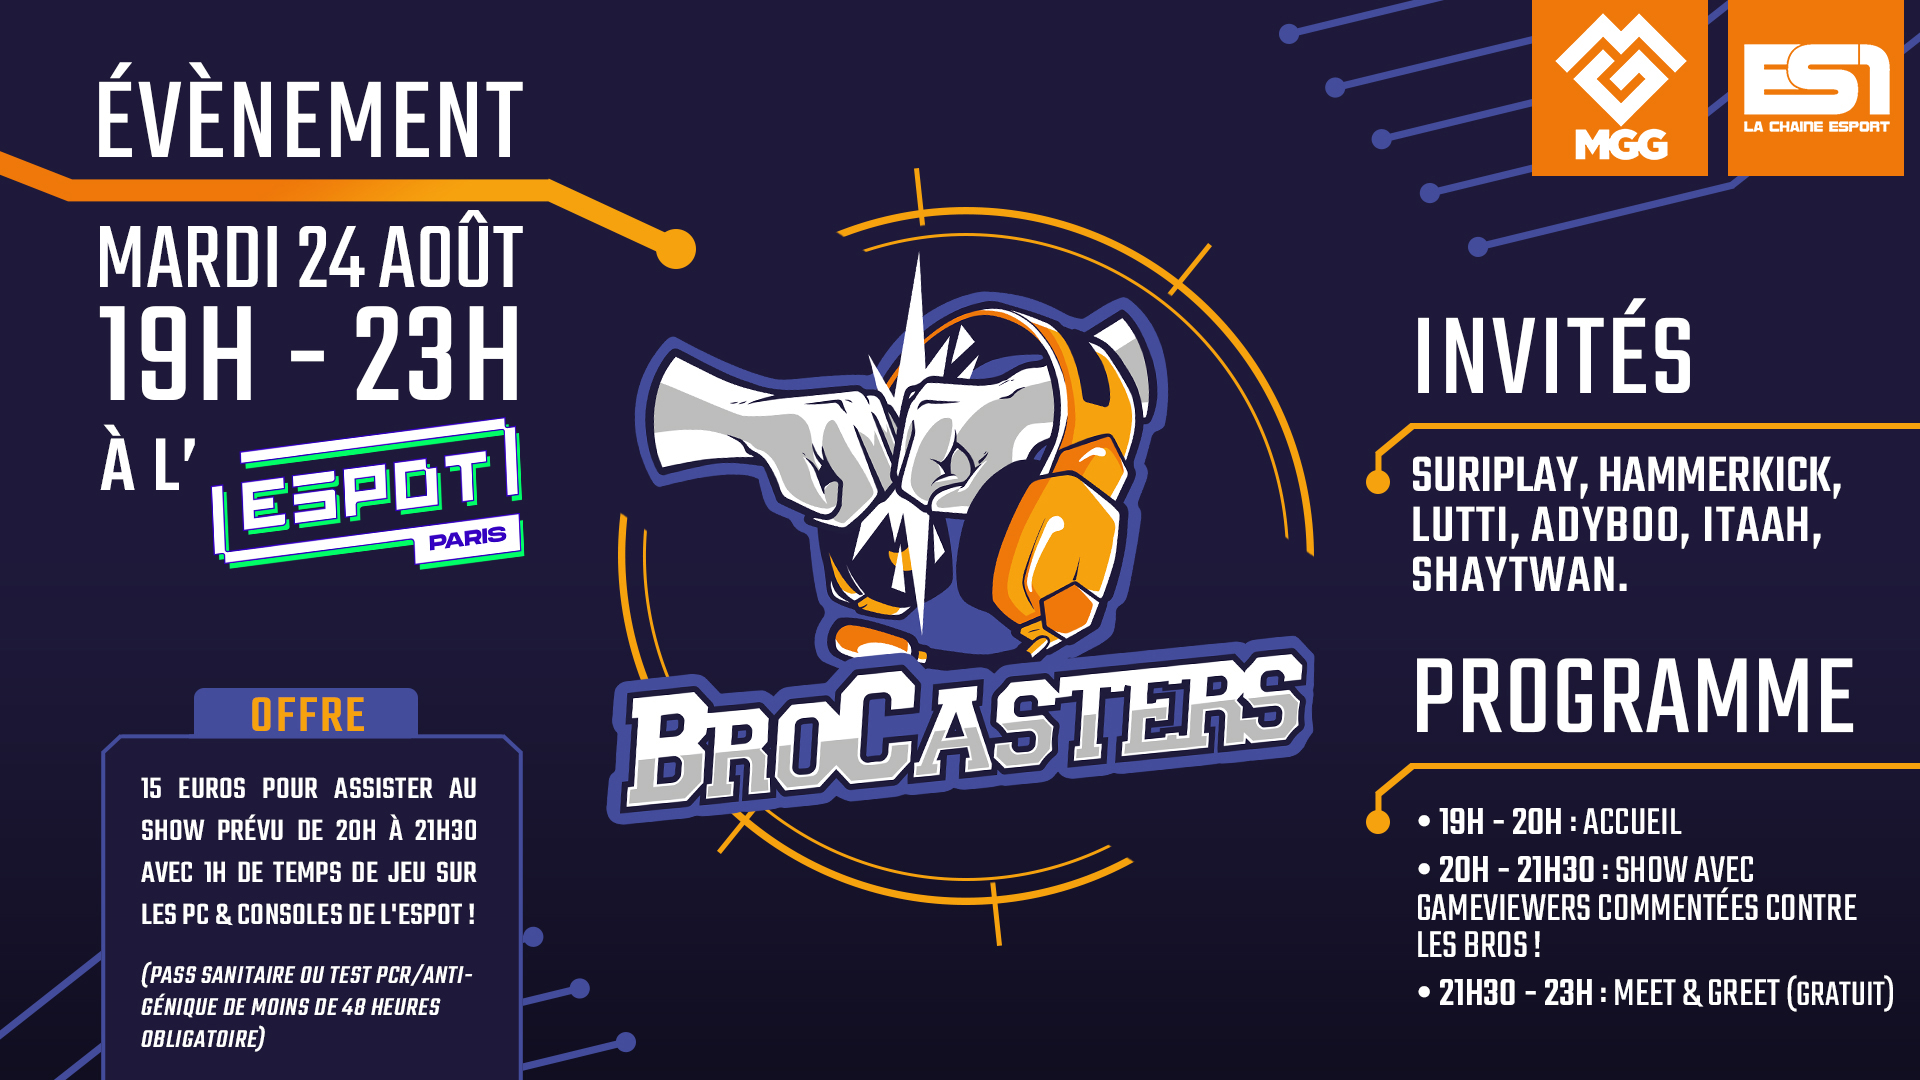 Programme de l'événement Overwatch avec les Brocasters, le 24 août 2021 (affiche réalisée par Aksellie)